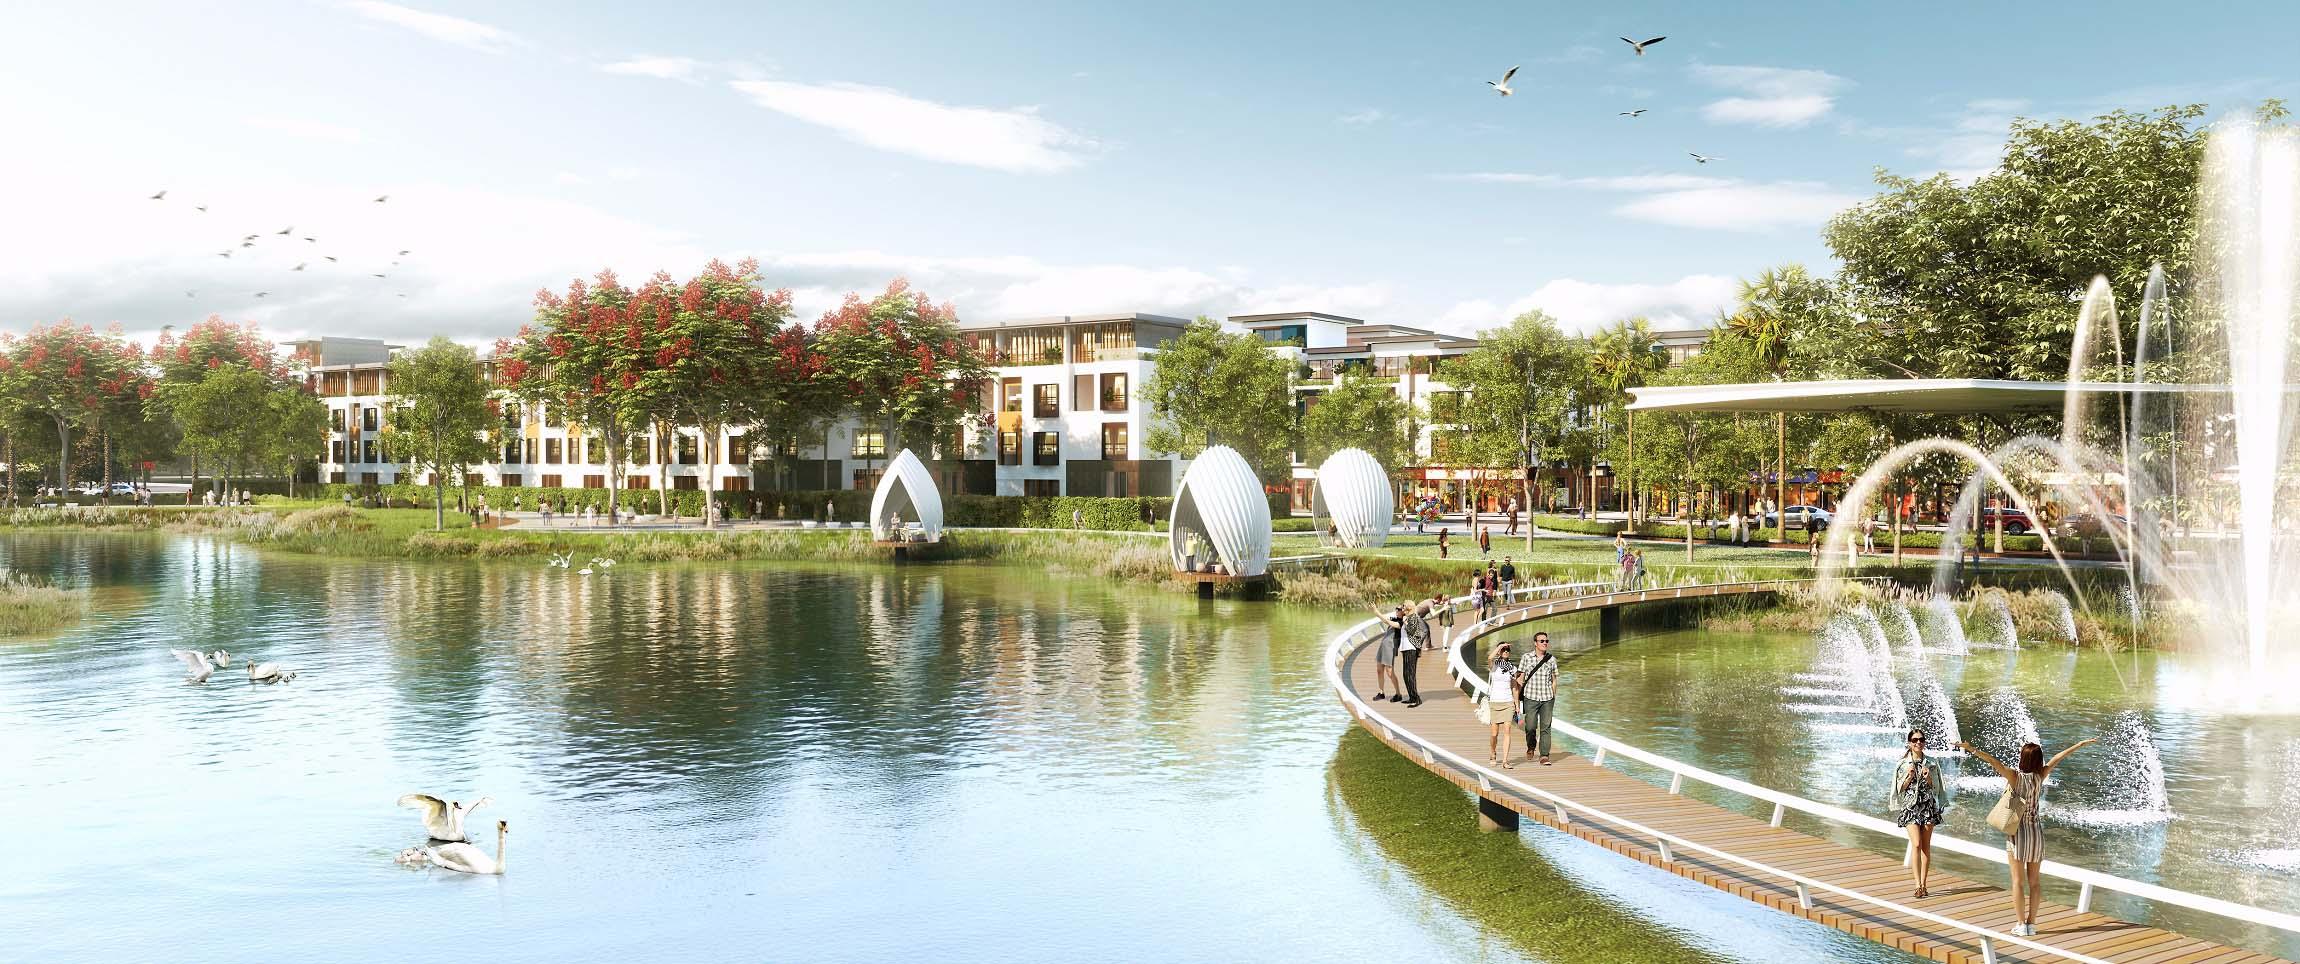 - Tân Á Đại Thành kiến tạo hệ sinh thái kép đô thị tại Phú Quốc - Ảnh 2.